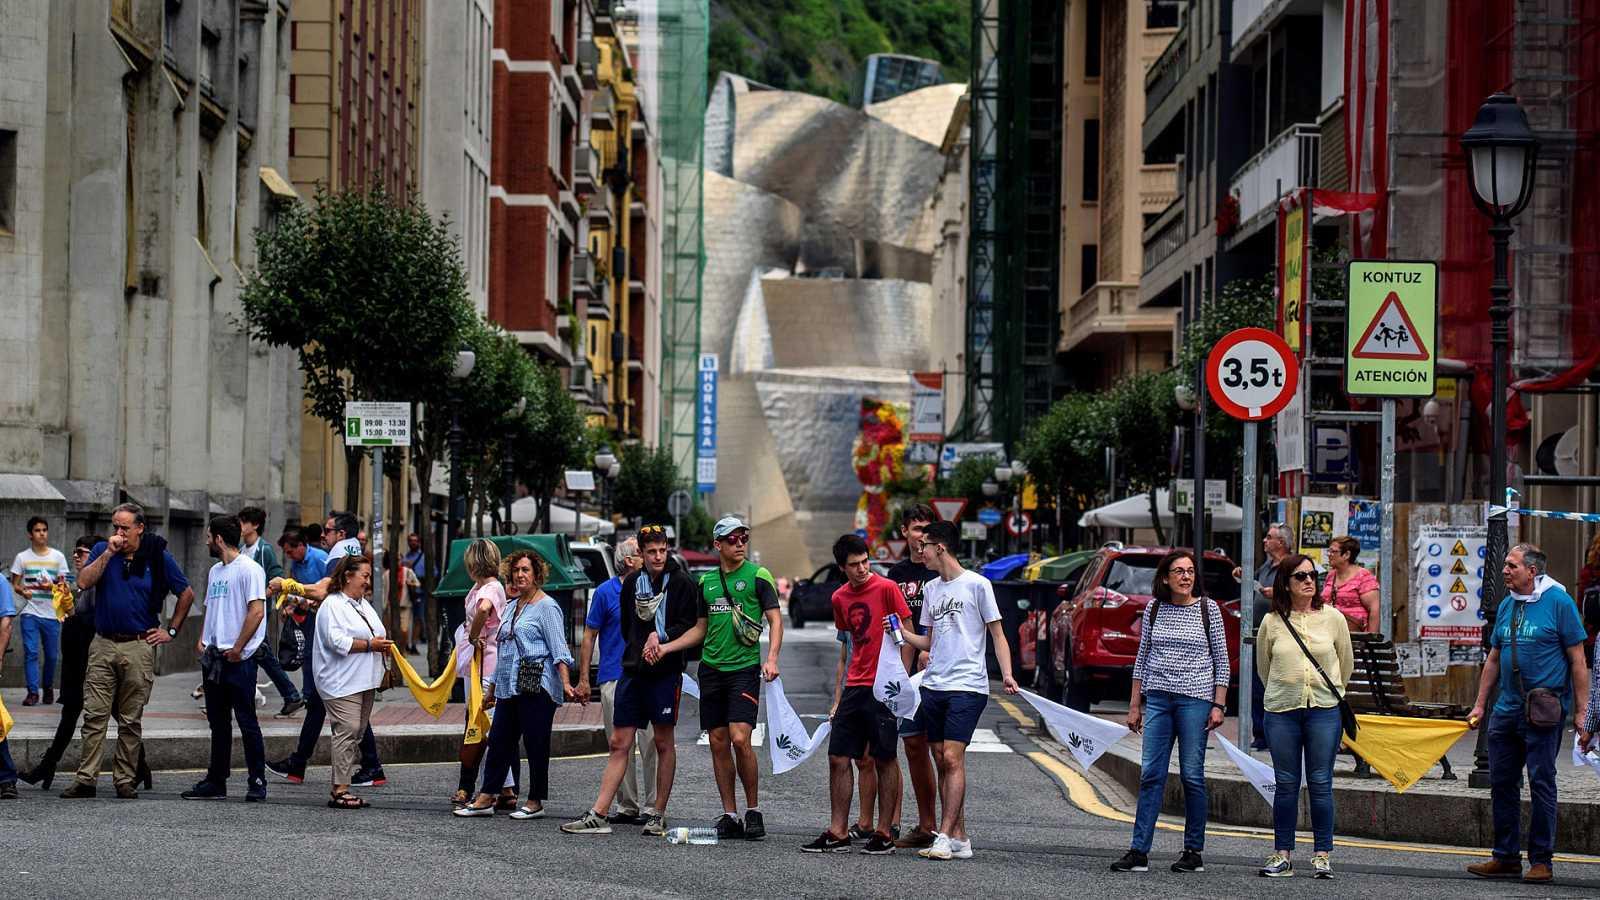 Una cadena humana de 200 km une las 3 provincias vascas en favor del derecho de autodeterminación